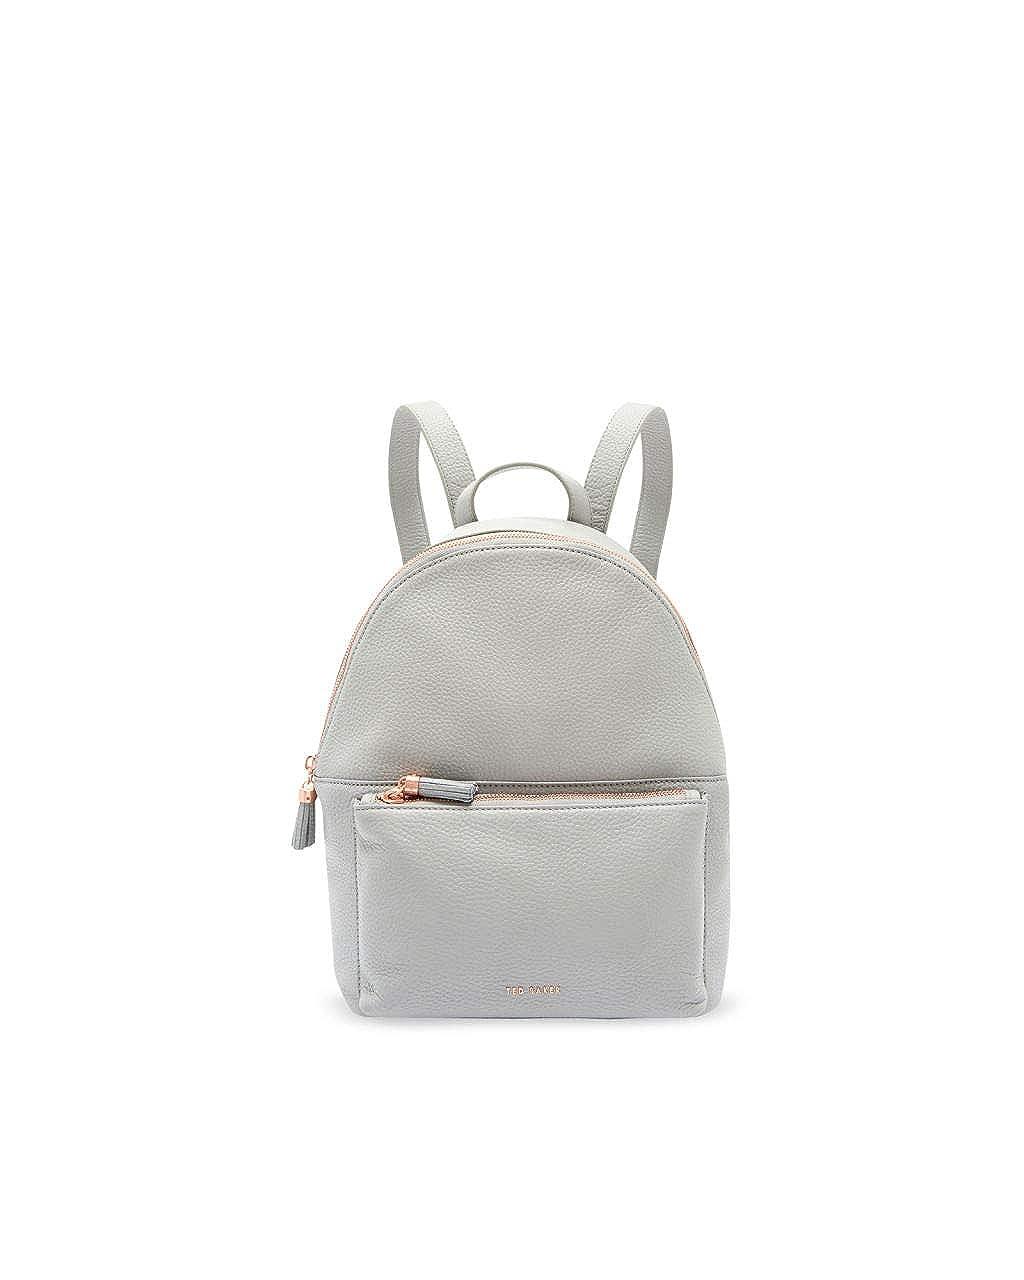 (テッドベーカー) TED BAKER LONDON MOLLYYY Leather tassel backpack レディース バッグ バックパック (並行輸入品) One Size グレー B07PHZVWQP